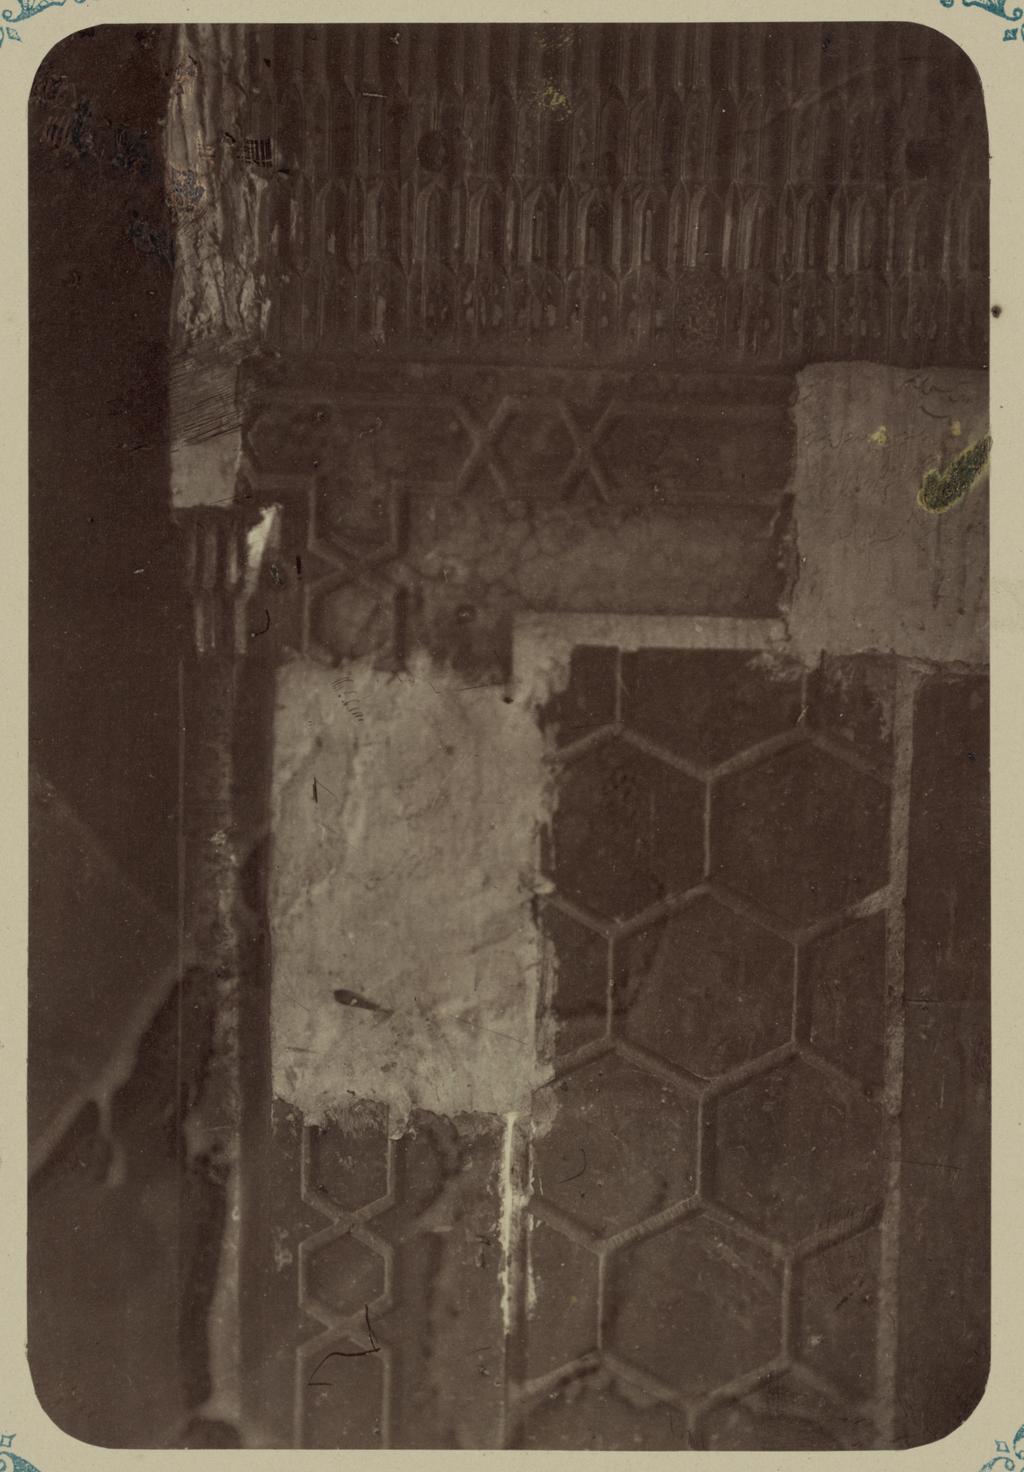 Мавзолей эмира Тимура Курагана (Гур-Эмир). Часть цоколя внутри мавзолея